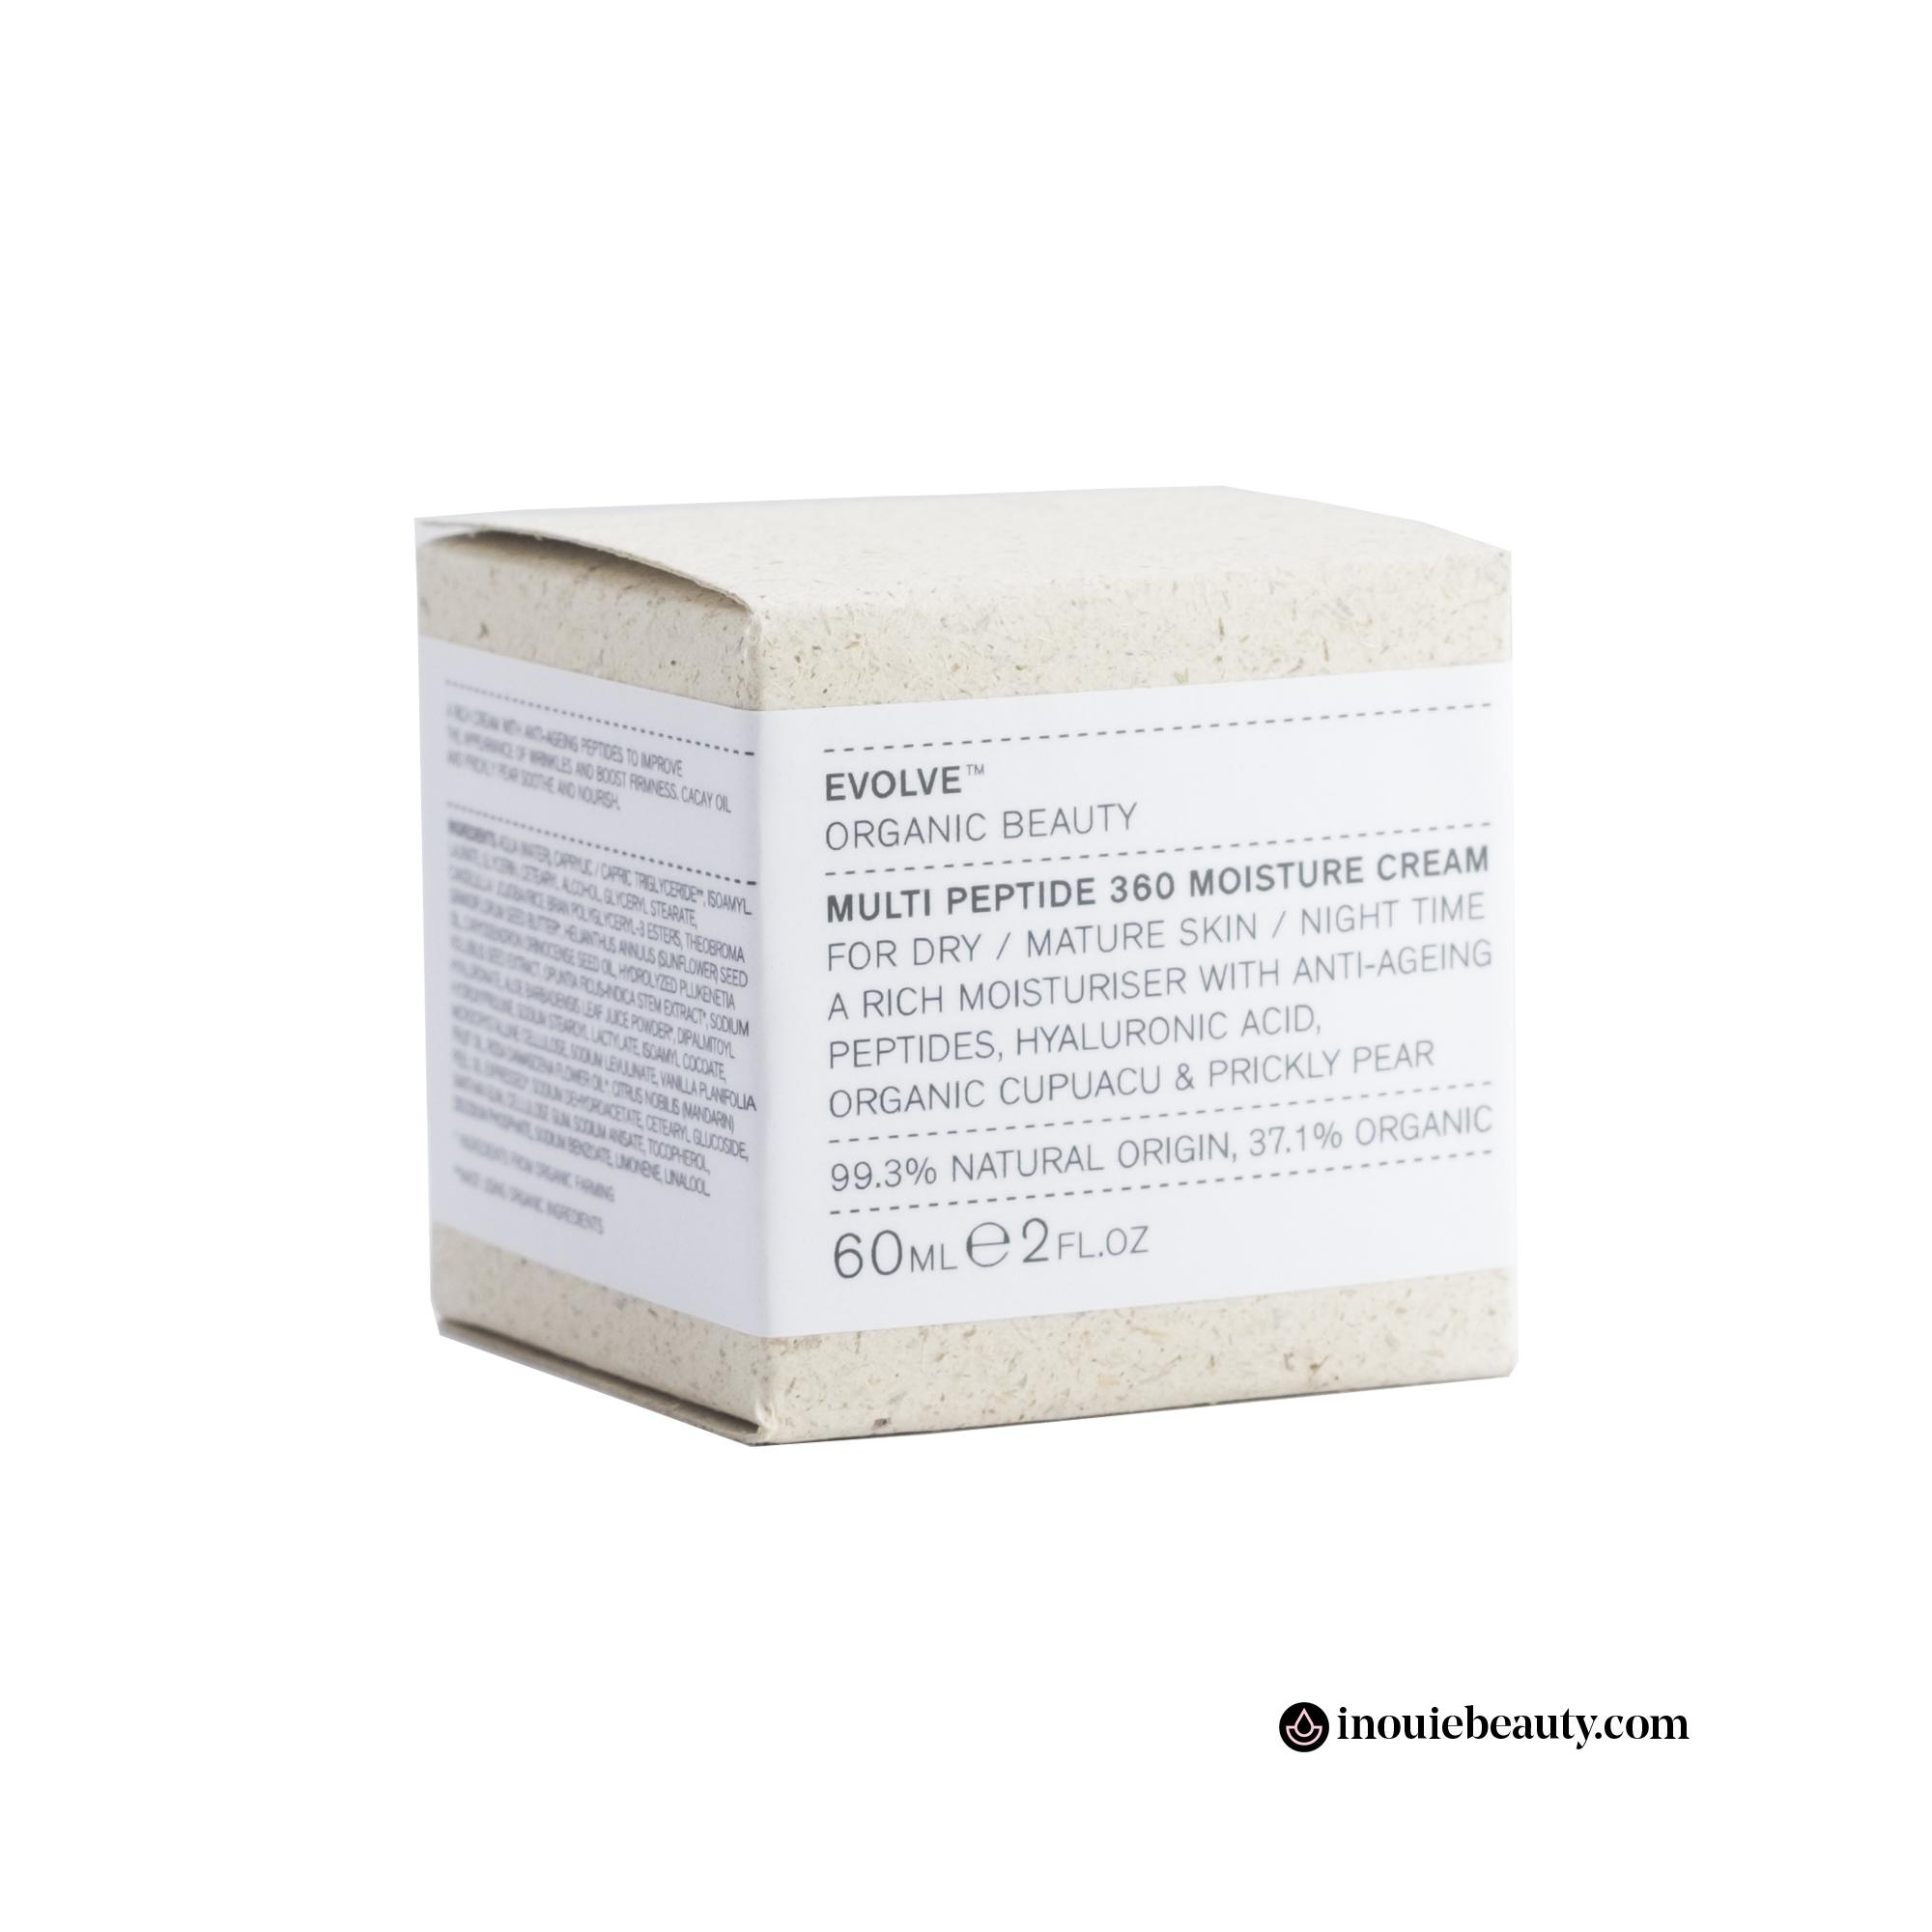 Evolve Multi Peptide 360 Moisture Cream